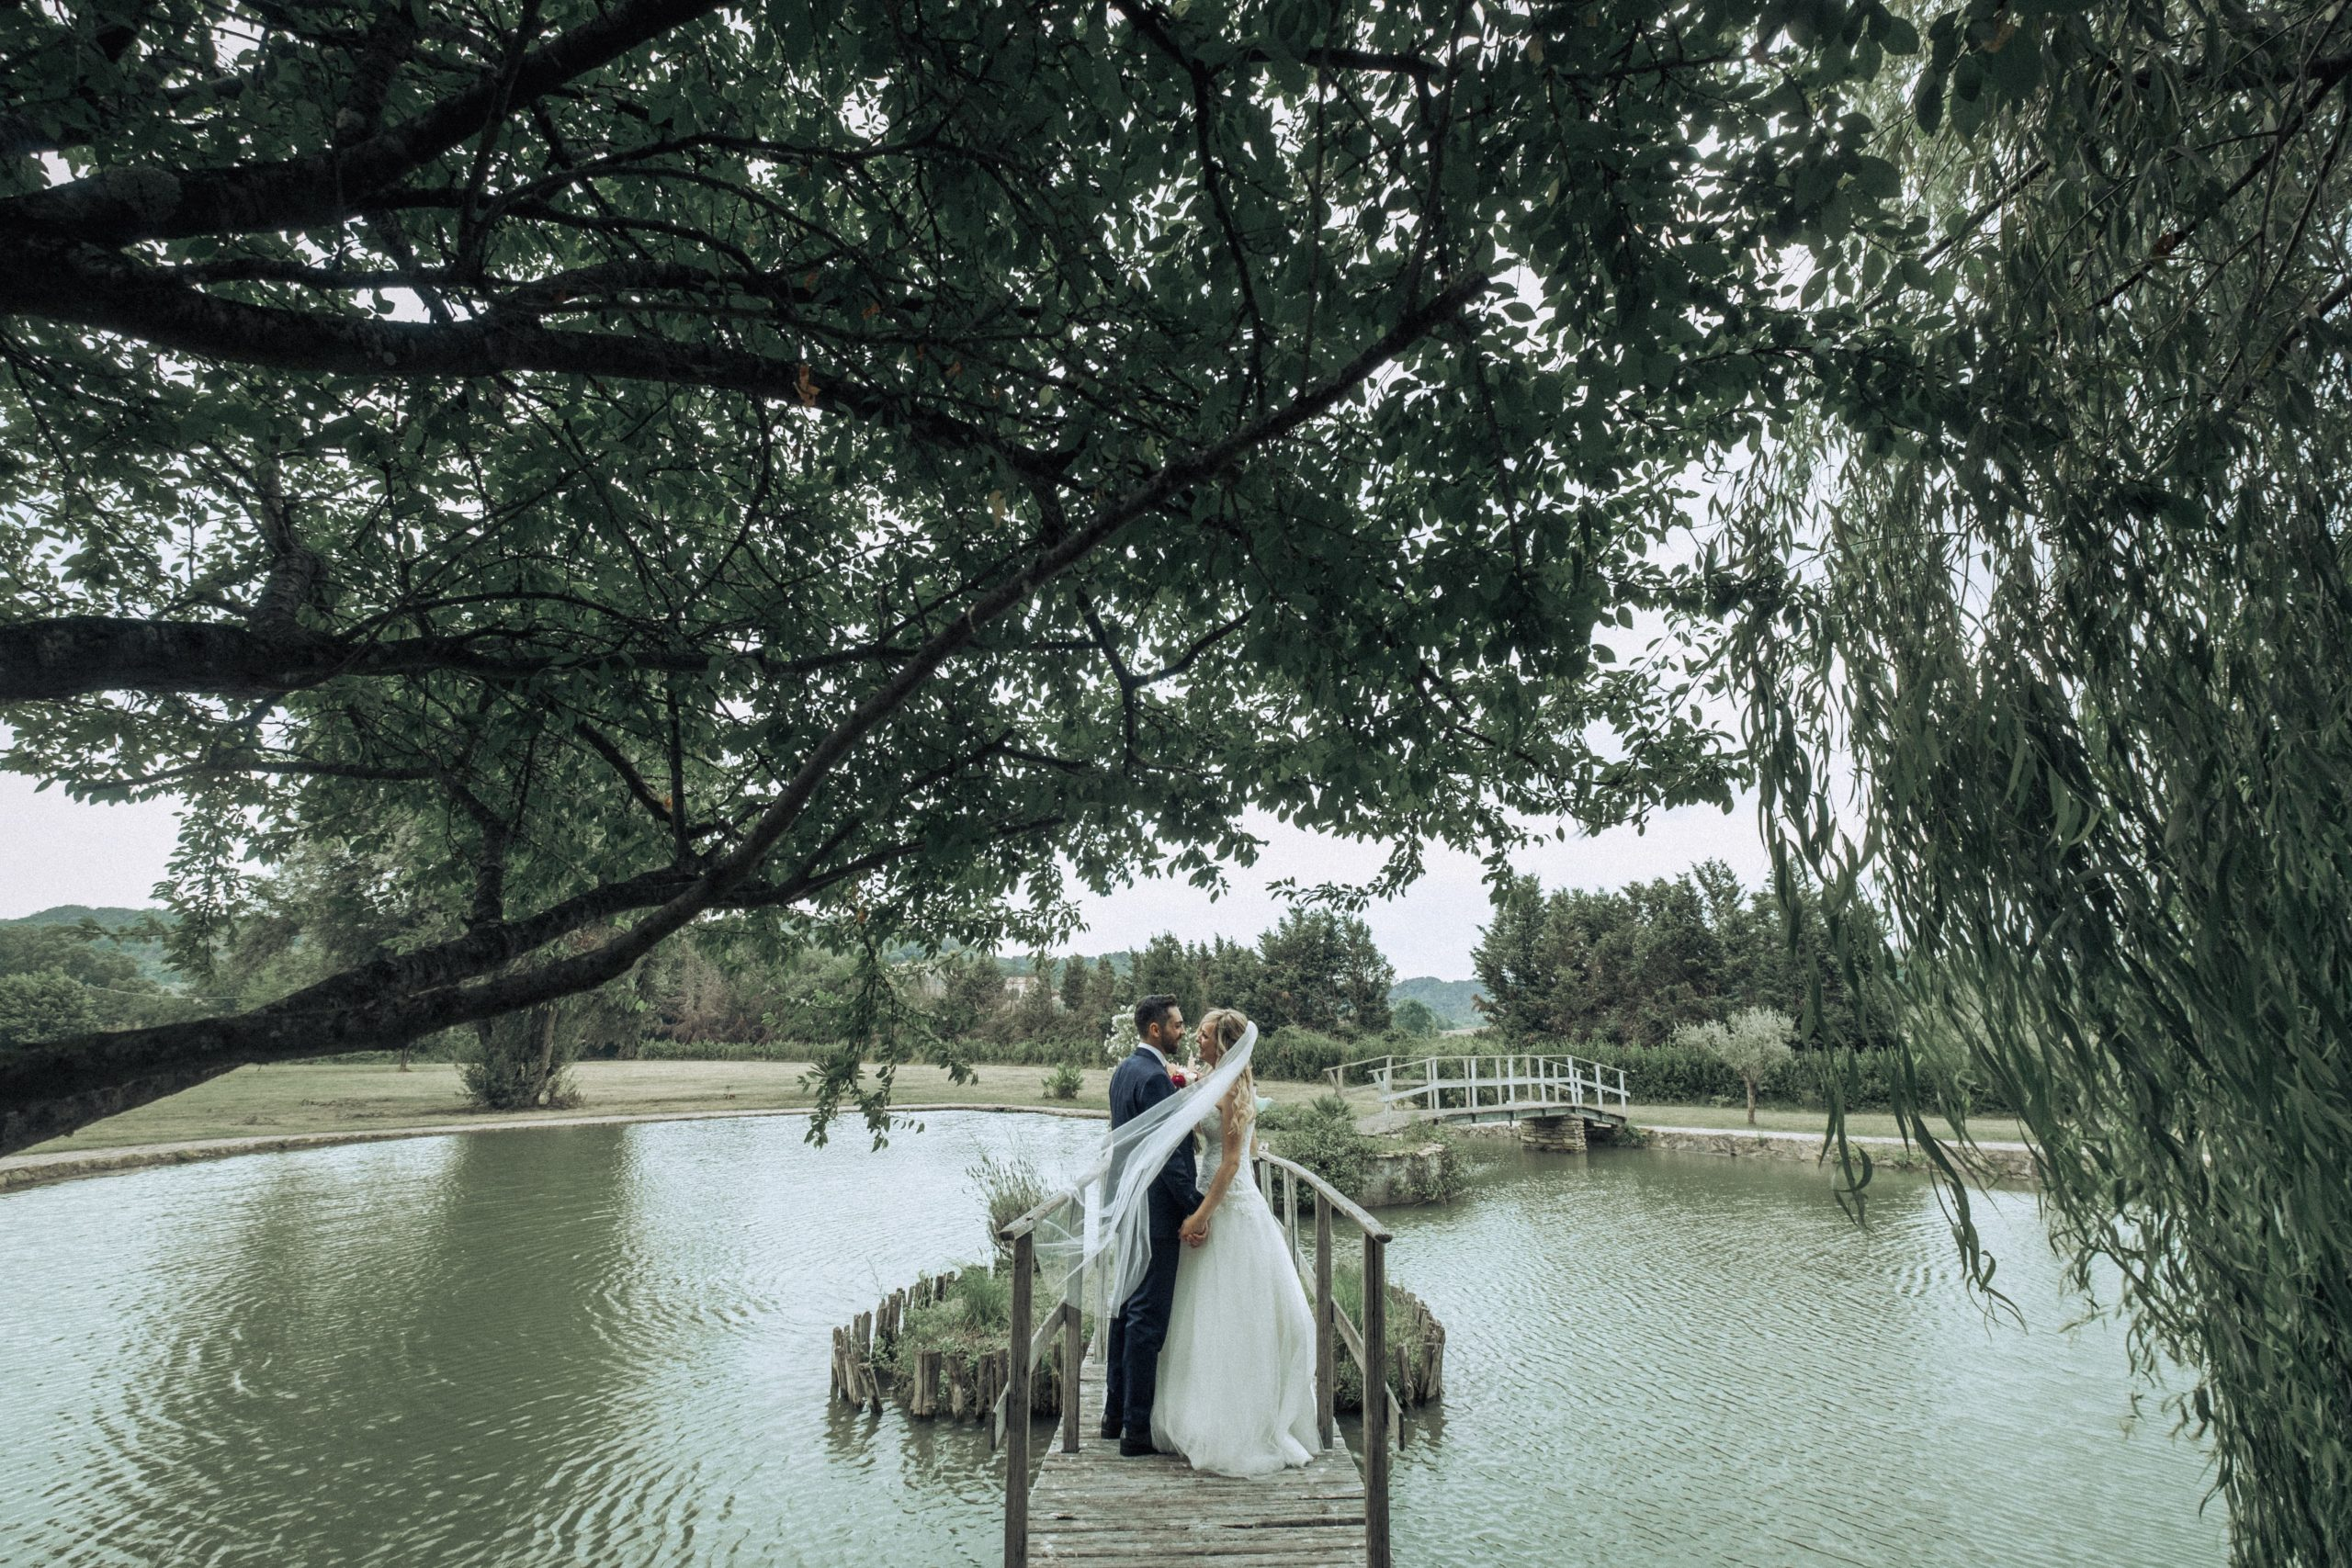 Agri-village-roma-battesimi-cerimonie-matrimoni-tenuta-feste-compleanni13